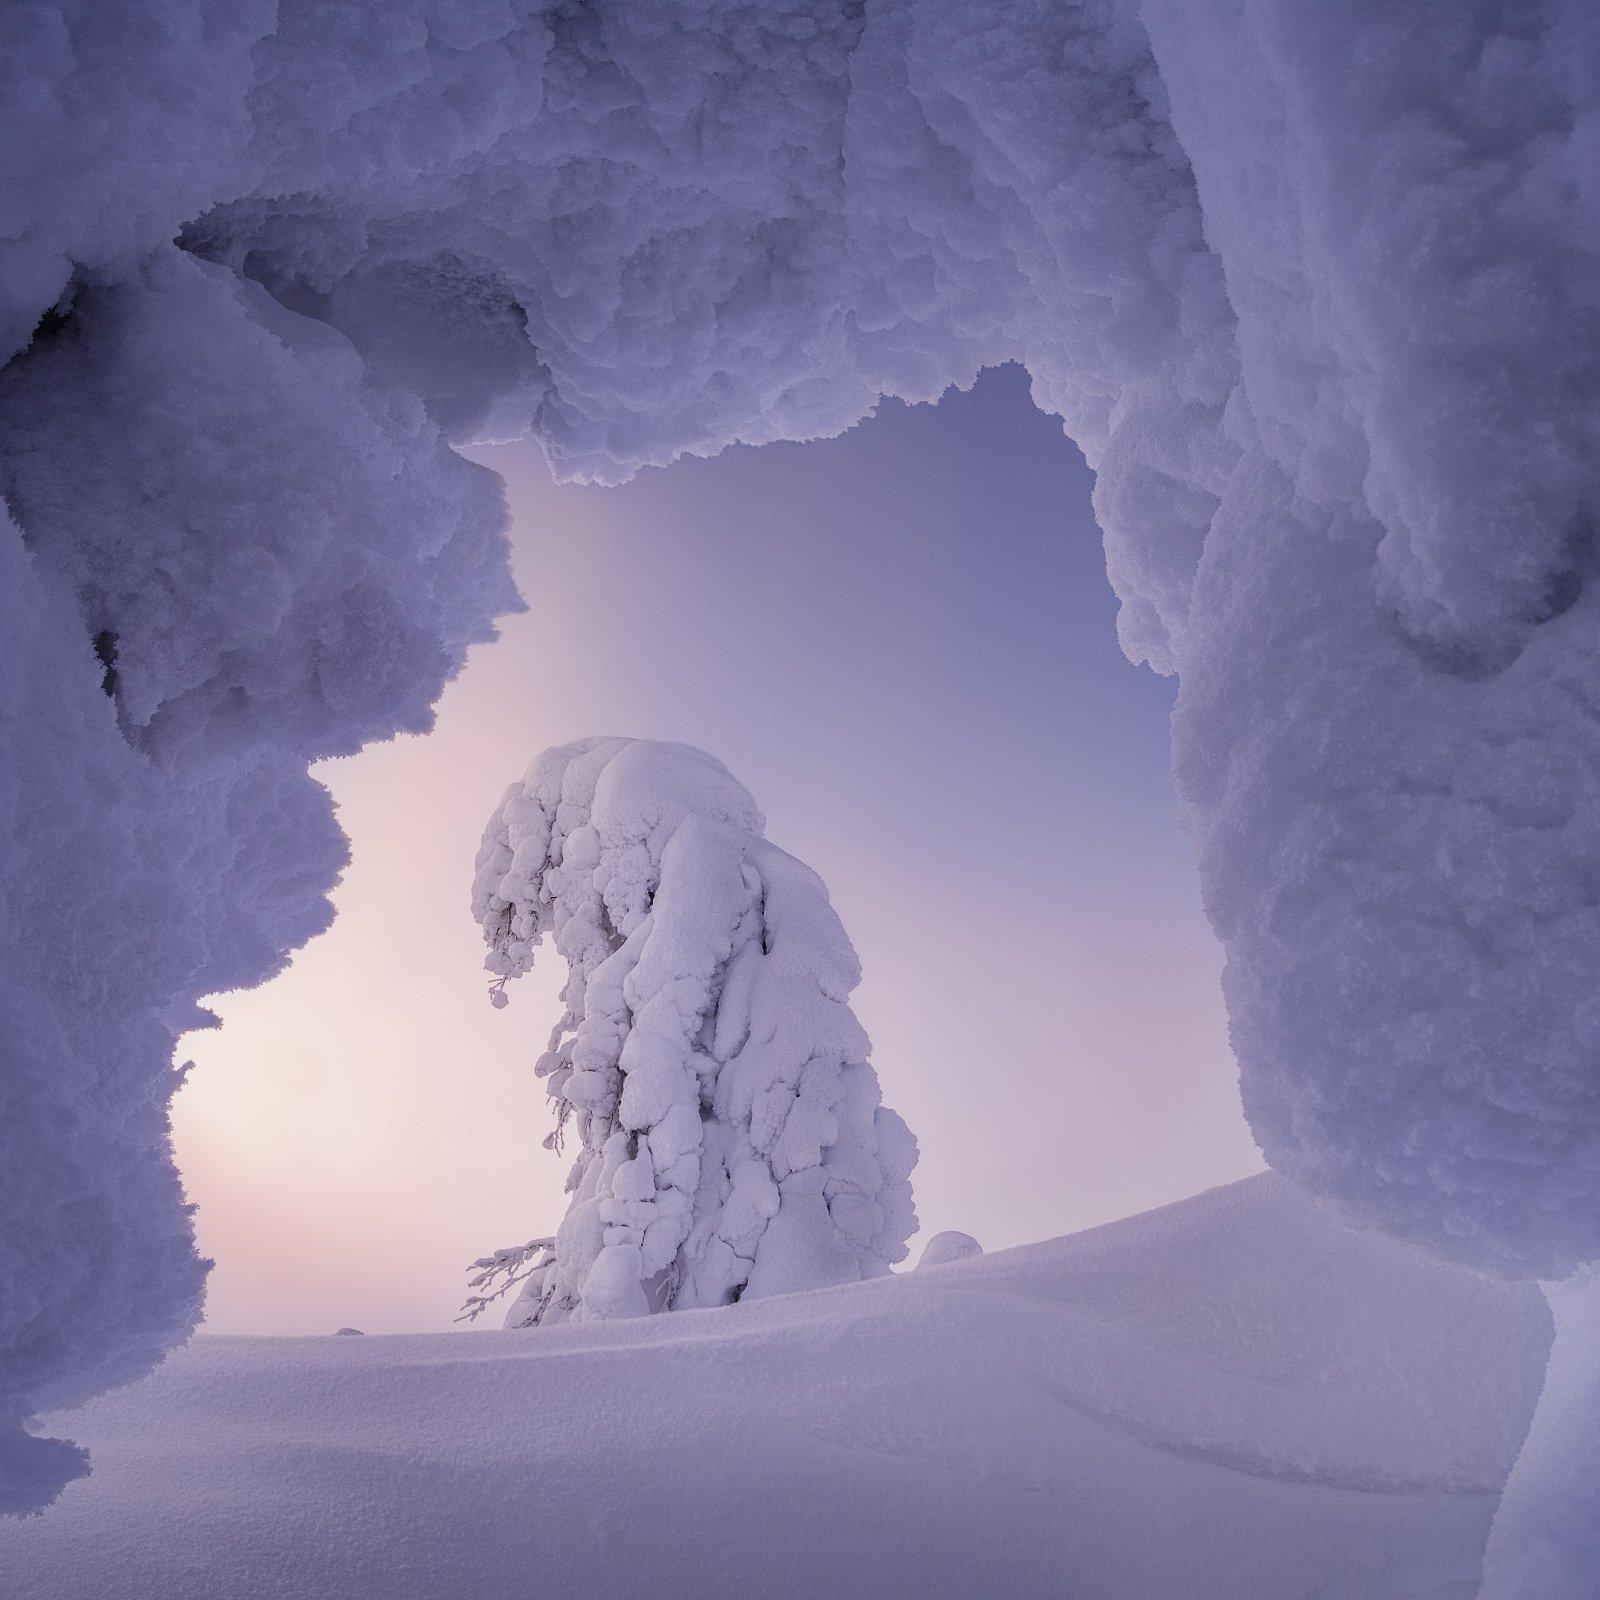 рассвет, главный уральский хребет, гух, зима, урал, северный урал, Желтов Глеб